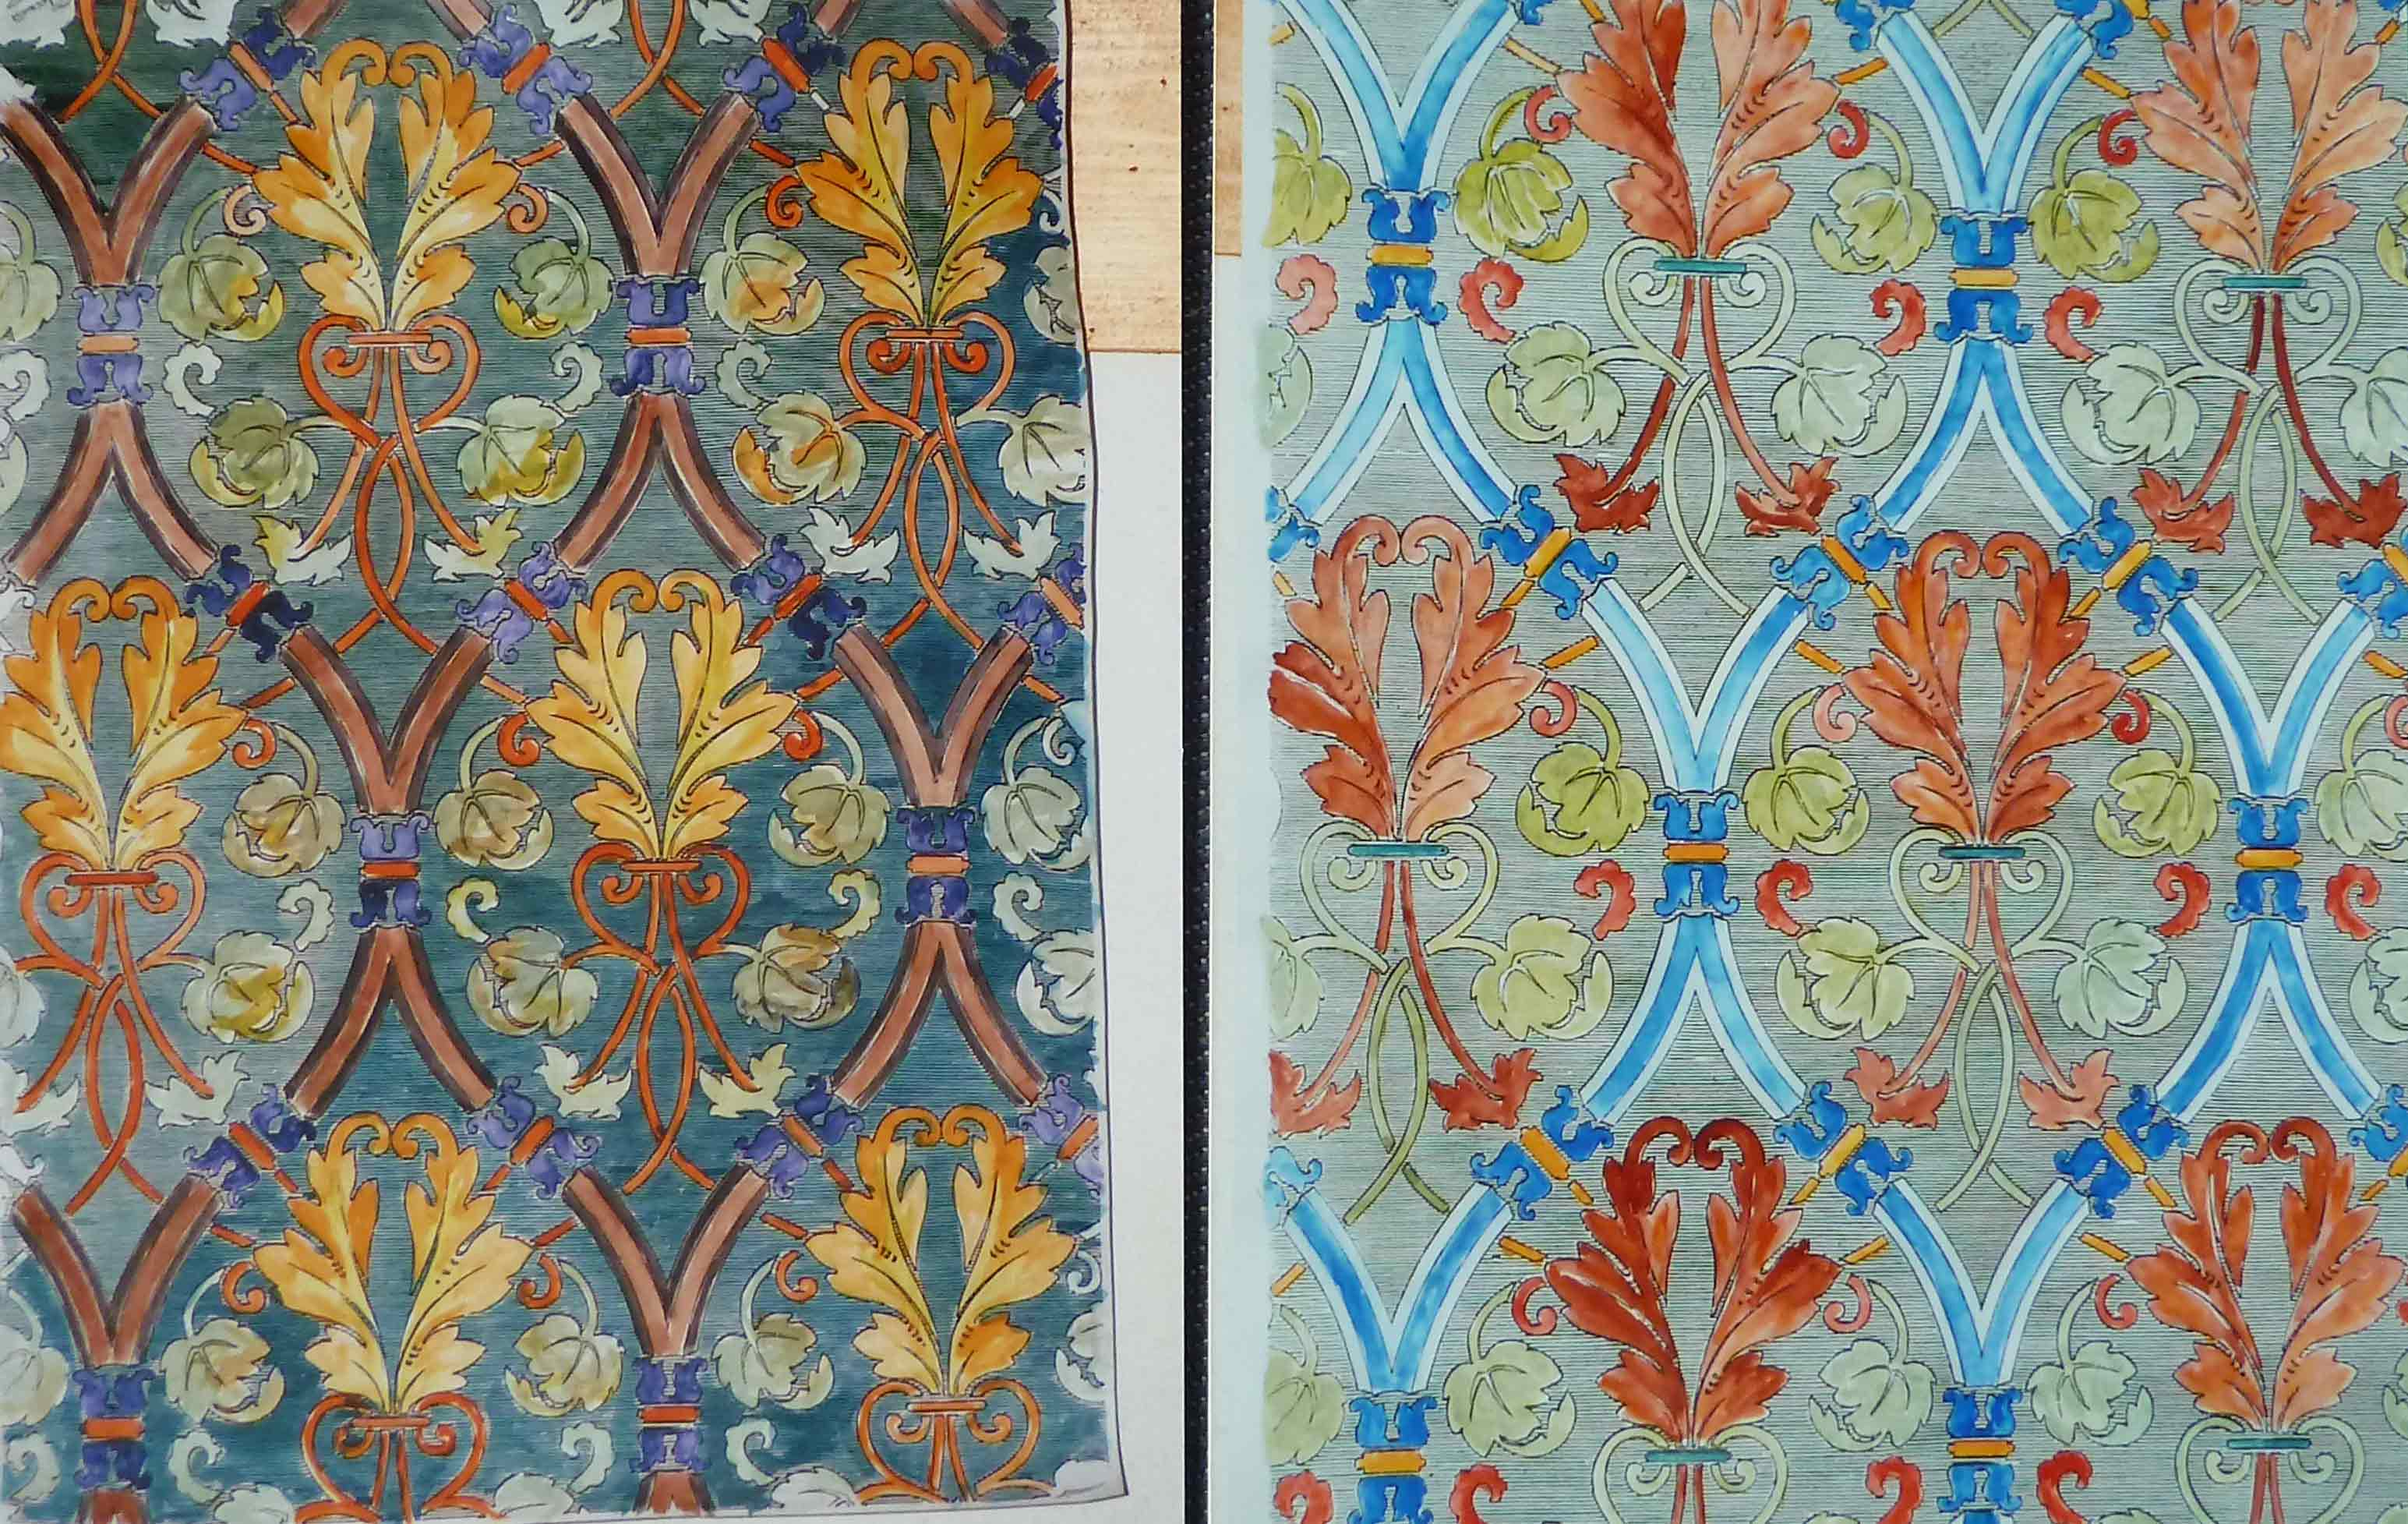 Vergleich von zwei Bildern mit Tapetenmuster in Farbe